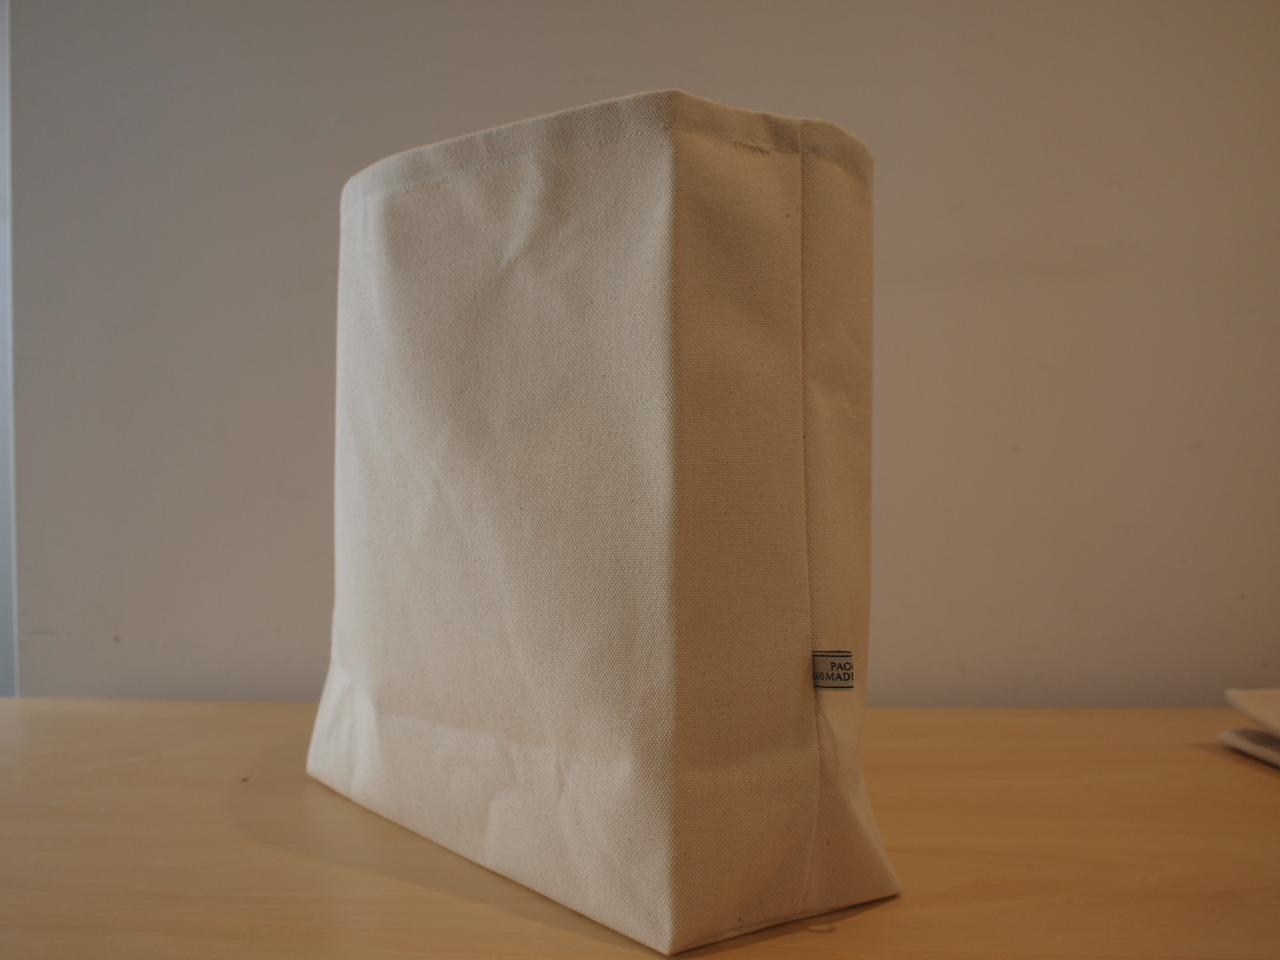 マルチに使える紙袋風バッグ♡折り返すと見えるストライプも可愛いですよ!